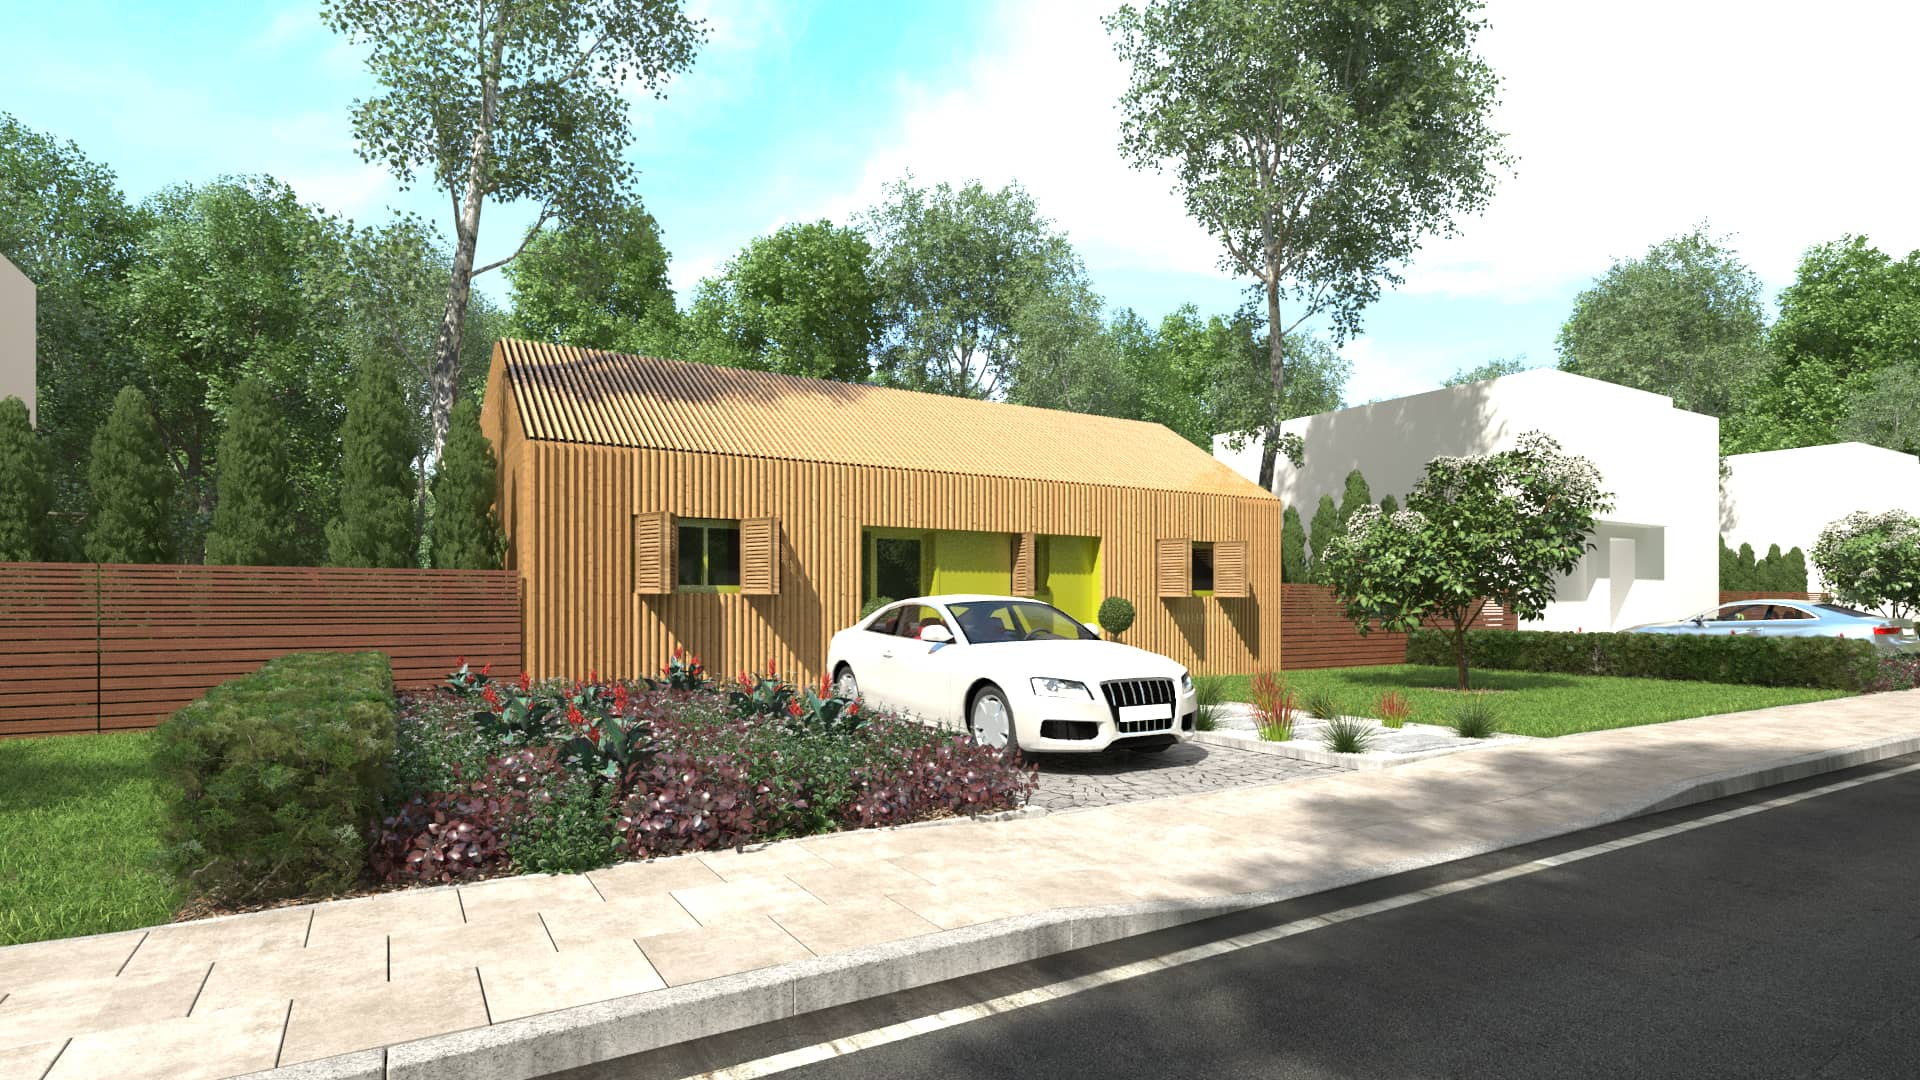 maison bois modulaire - Avant-projet d'une maison individuelle contemporaine à Nantes (44)